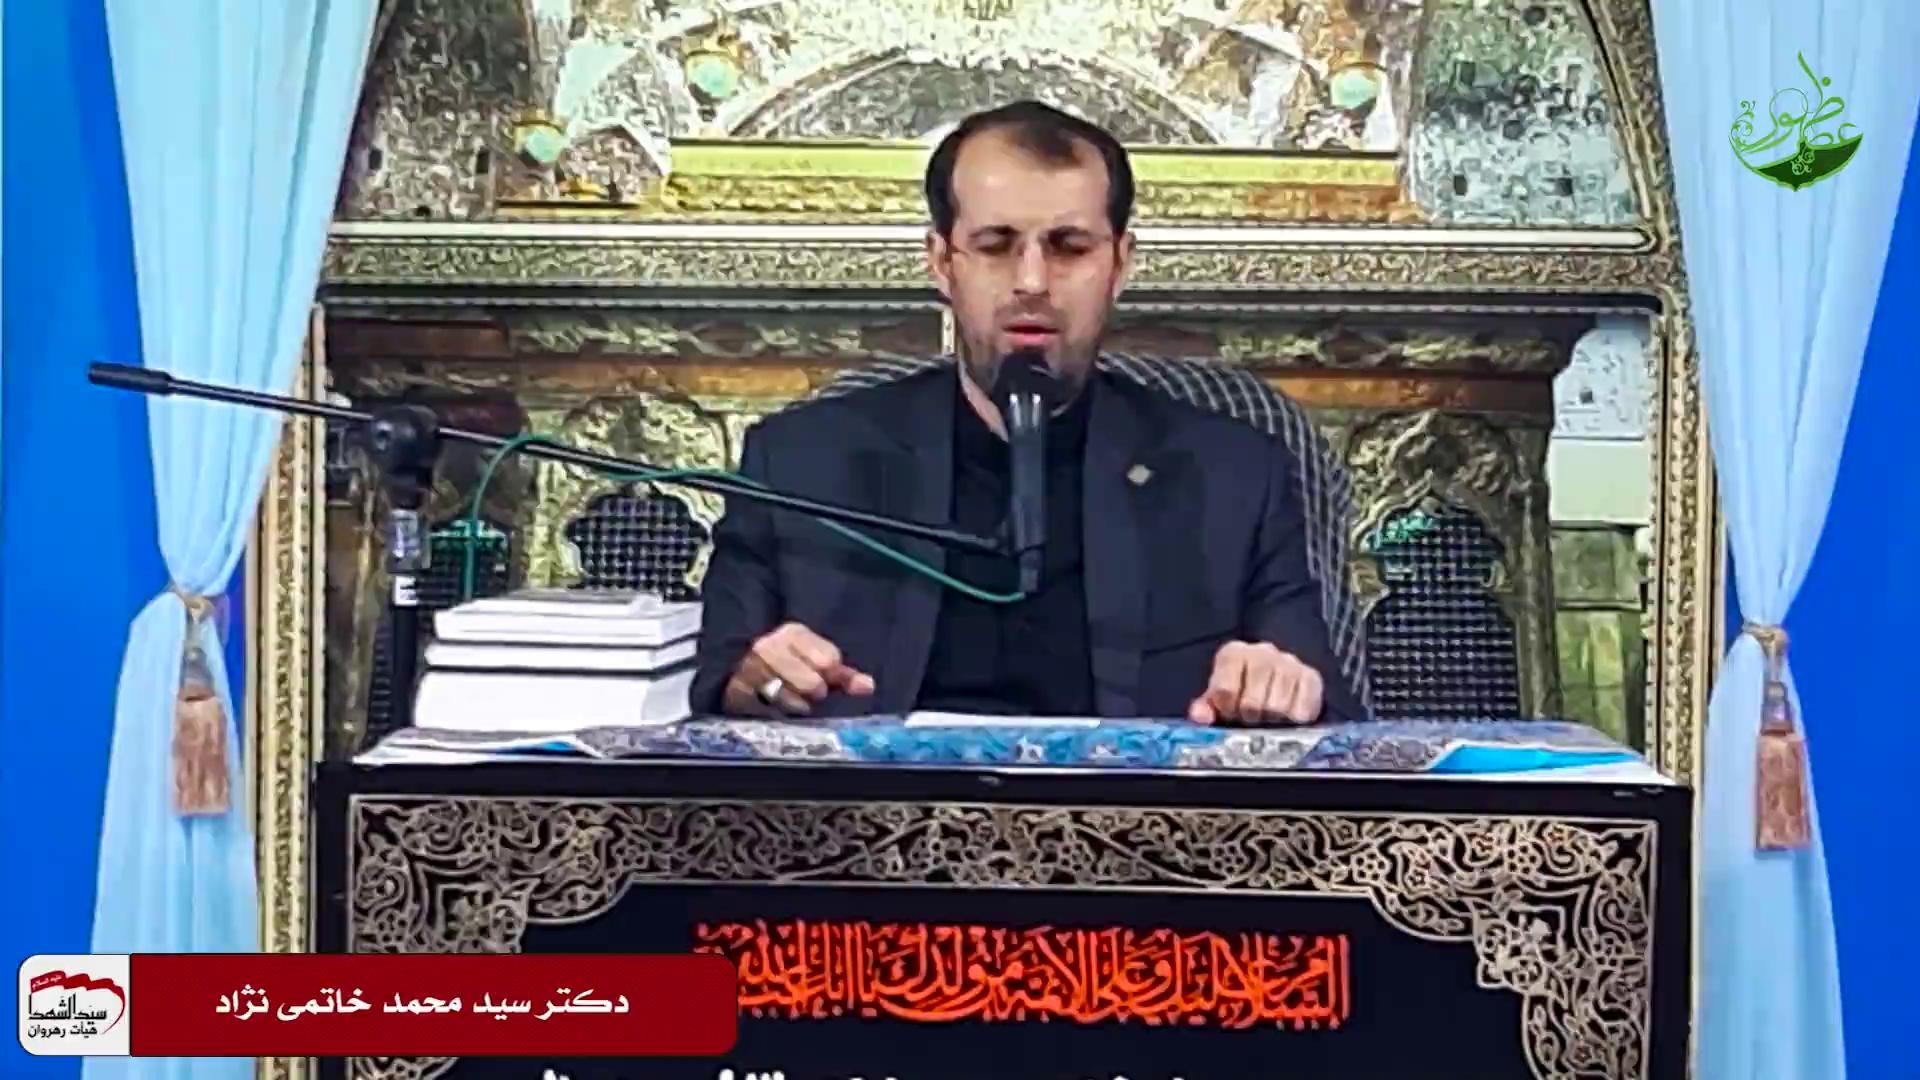 استاد خاتمی نژاد - دشمنی با آل علی علیه السلام، سکه رایج عصر معاویه